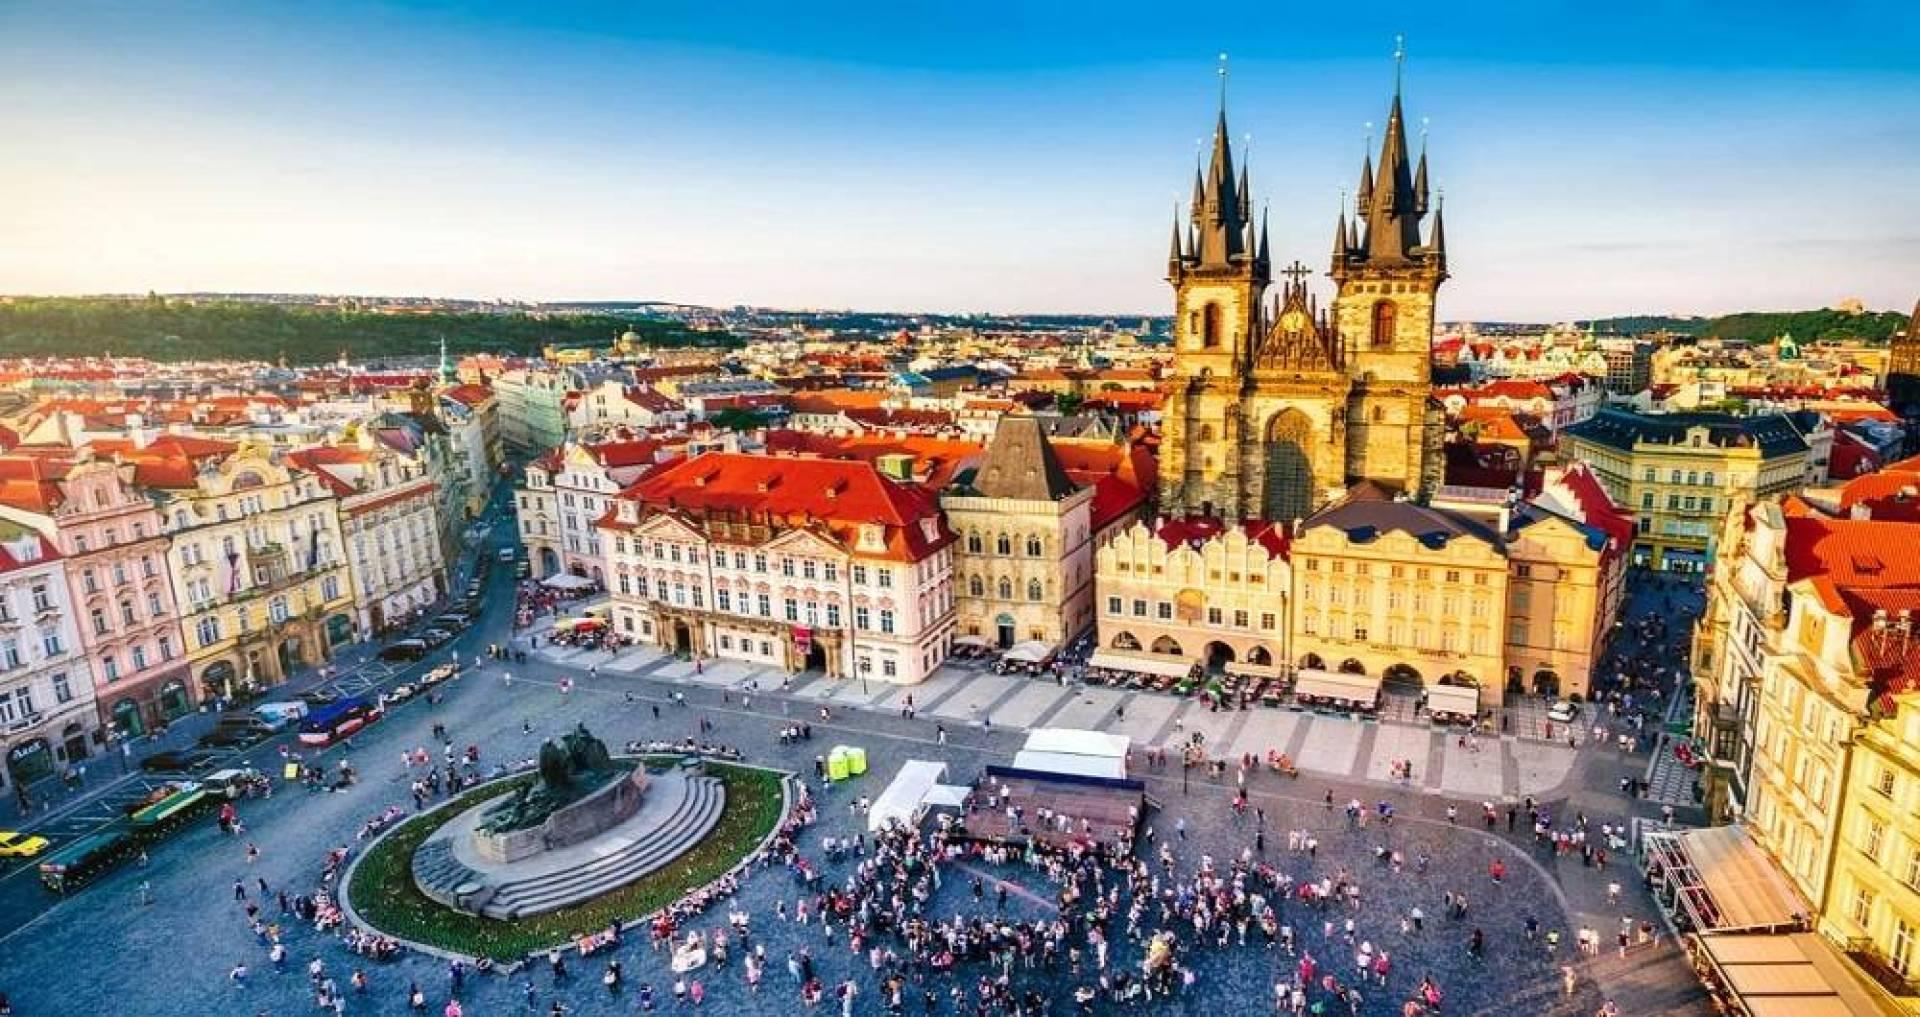 التشيكيون يتركون الكمامات ويعودون للمطاعم والمدارس